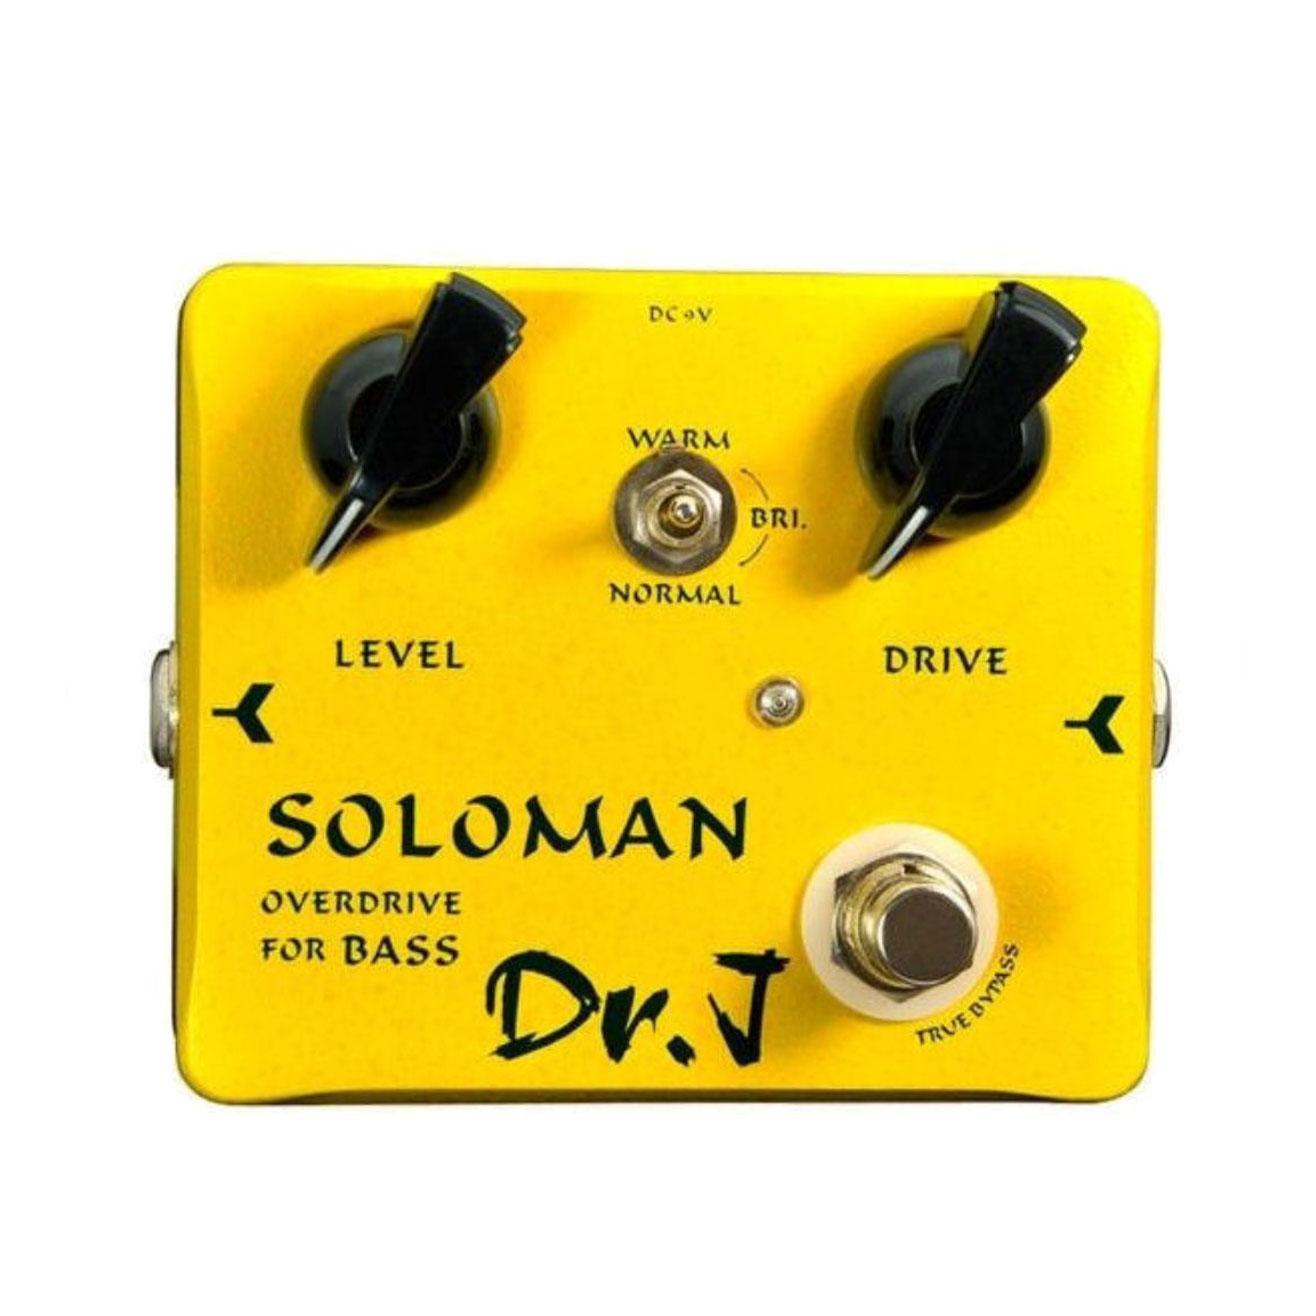 [D-52 Soloman]